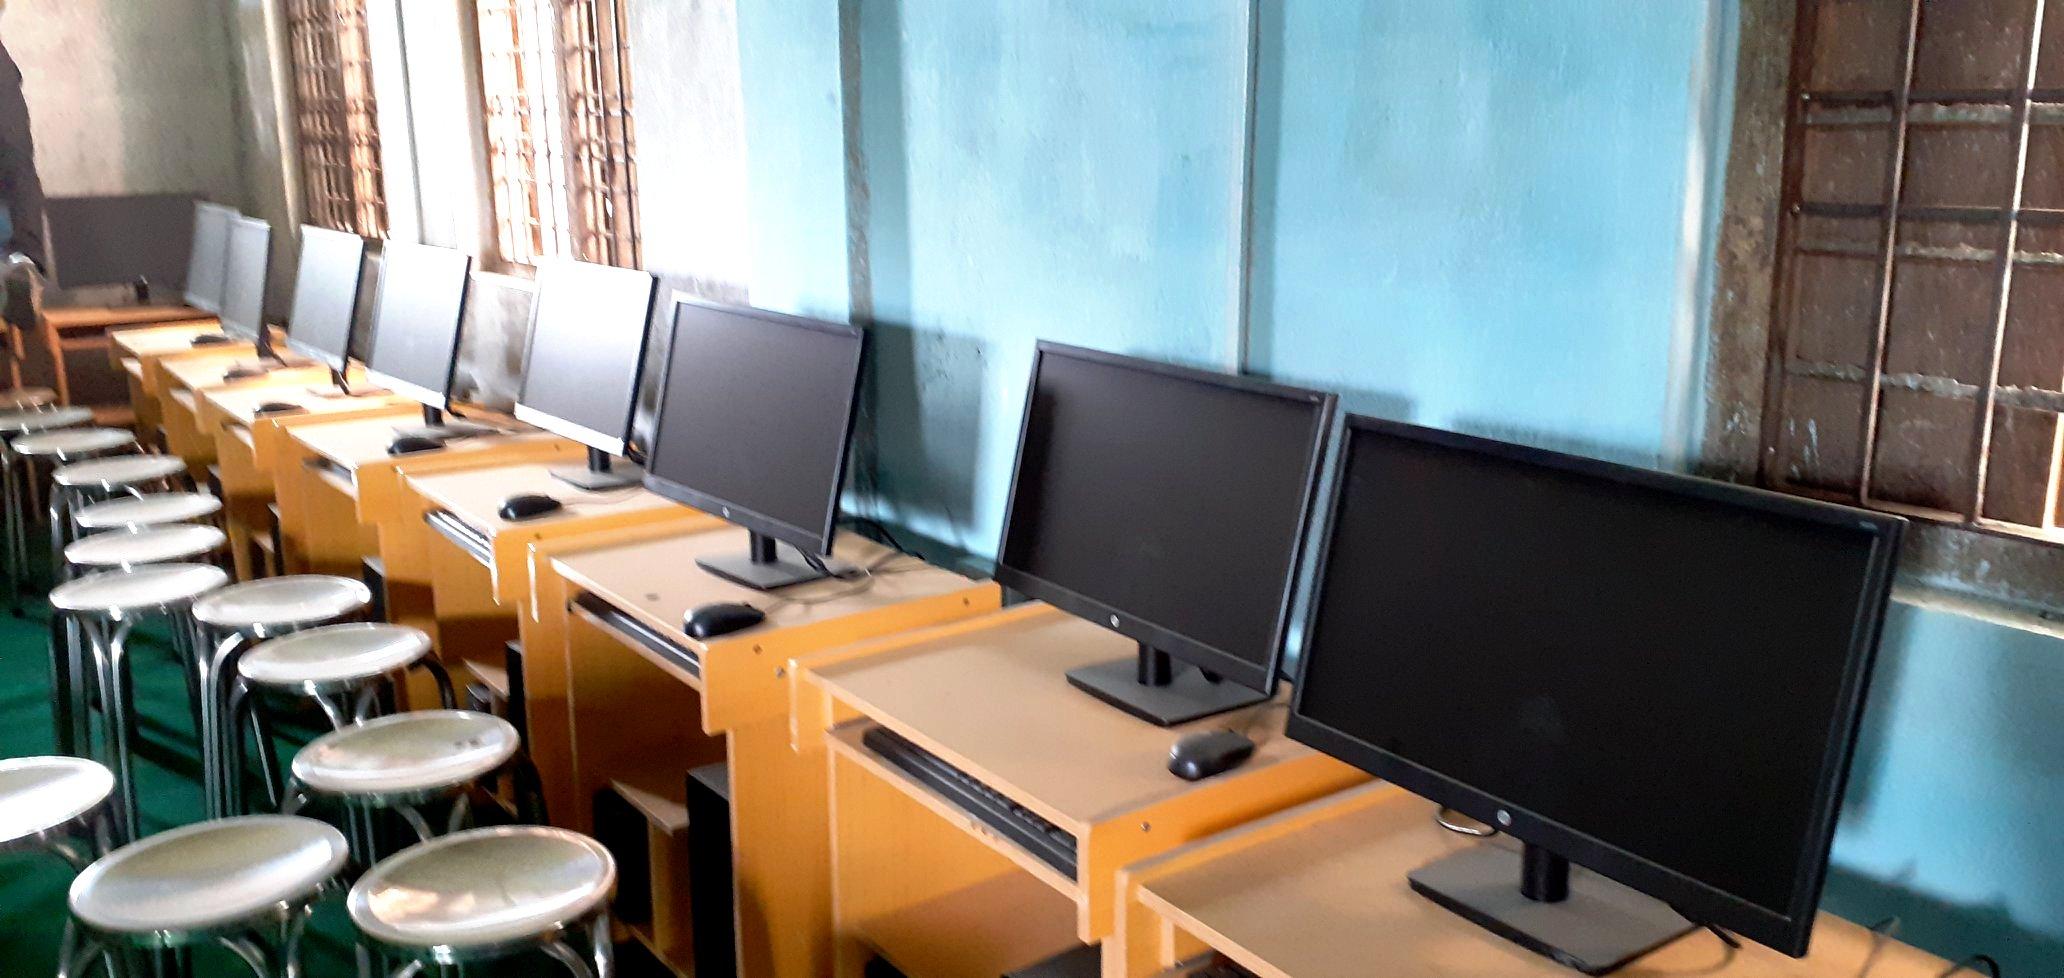 मावि पकरीको कम्प्युटर प्रयोग विहिन